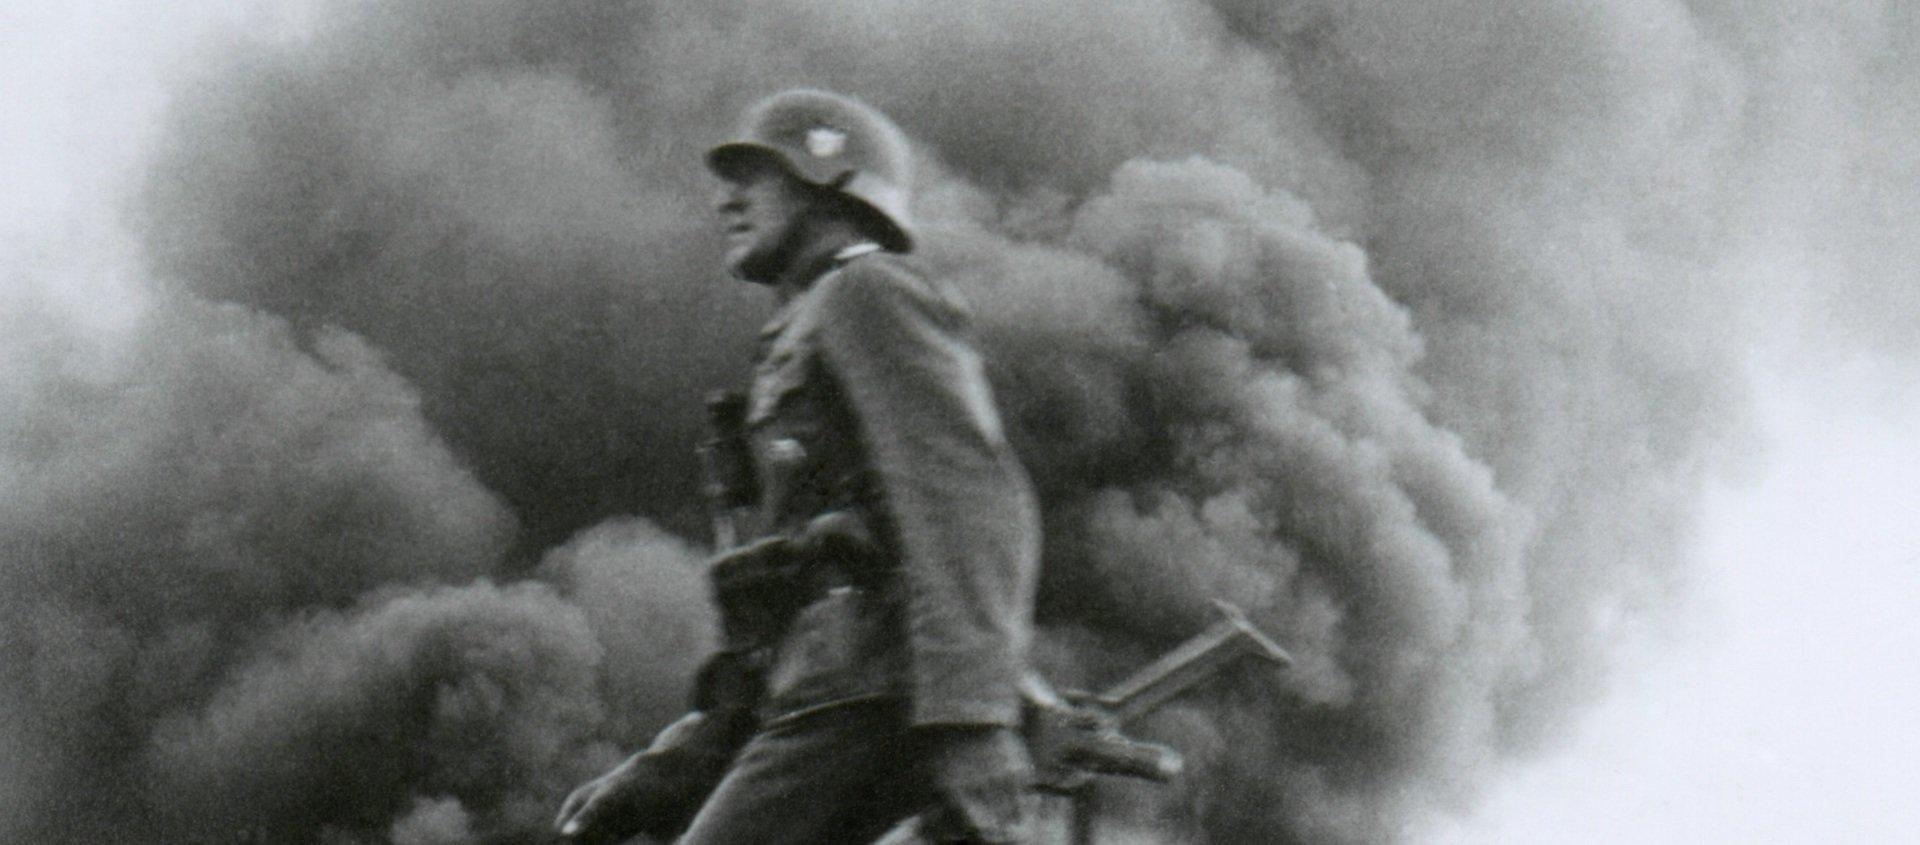 Wkrótce rocznica wybuchu II wojny światowej. Sprawdź, jakie propozycje programowe przygotował z tej okazji kanał National Geographic